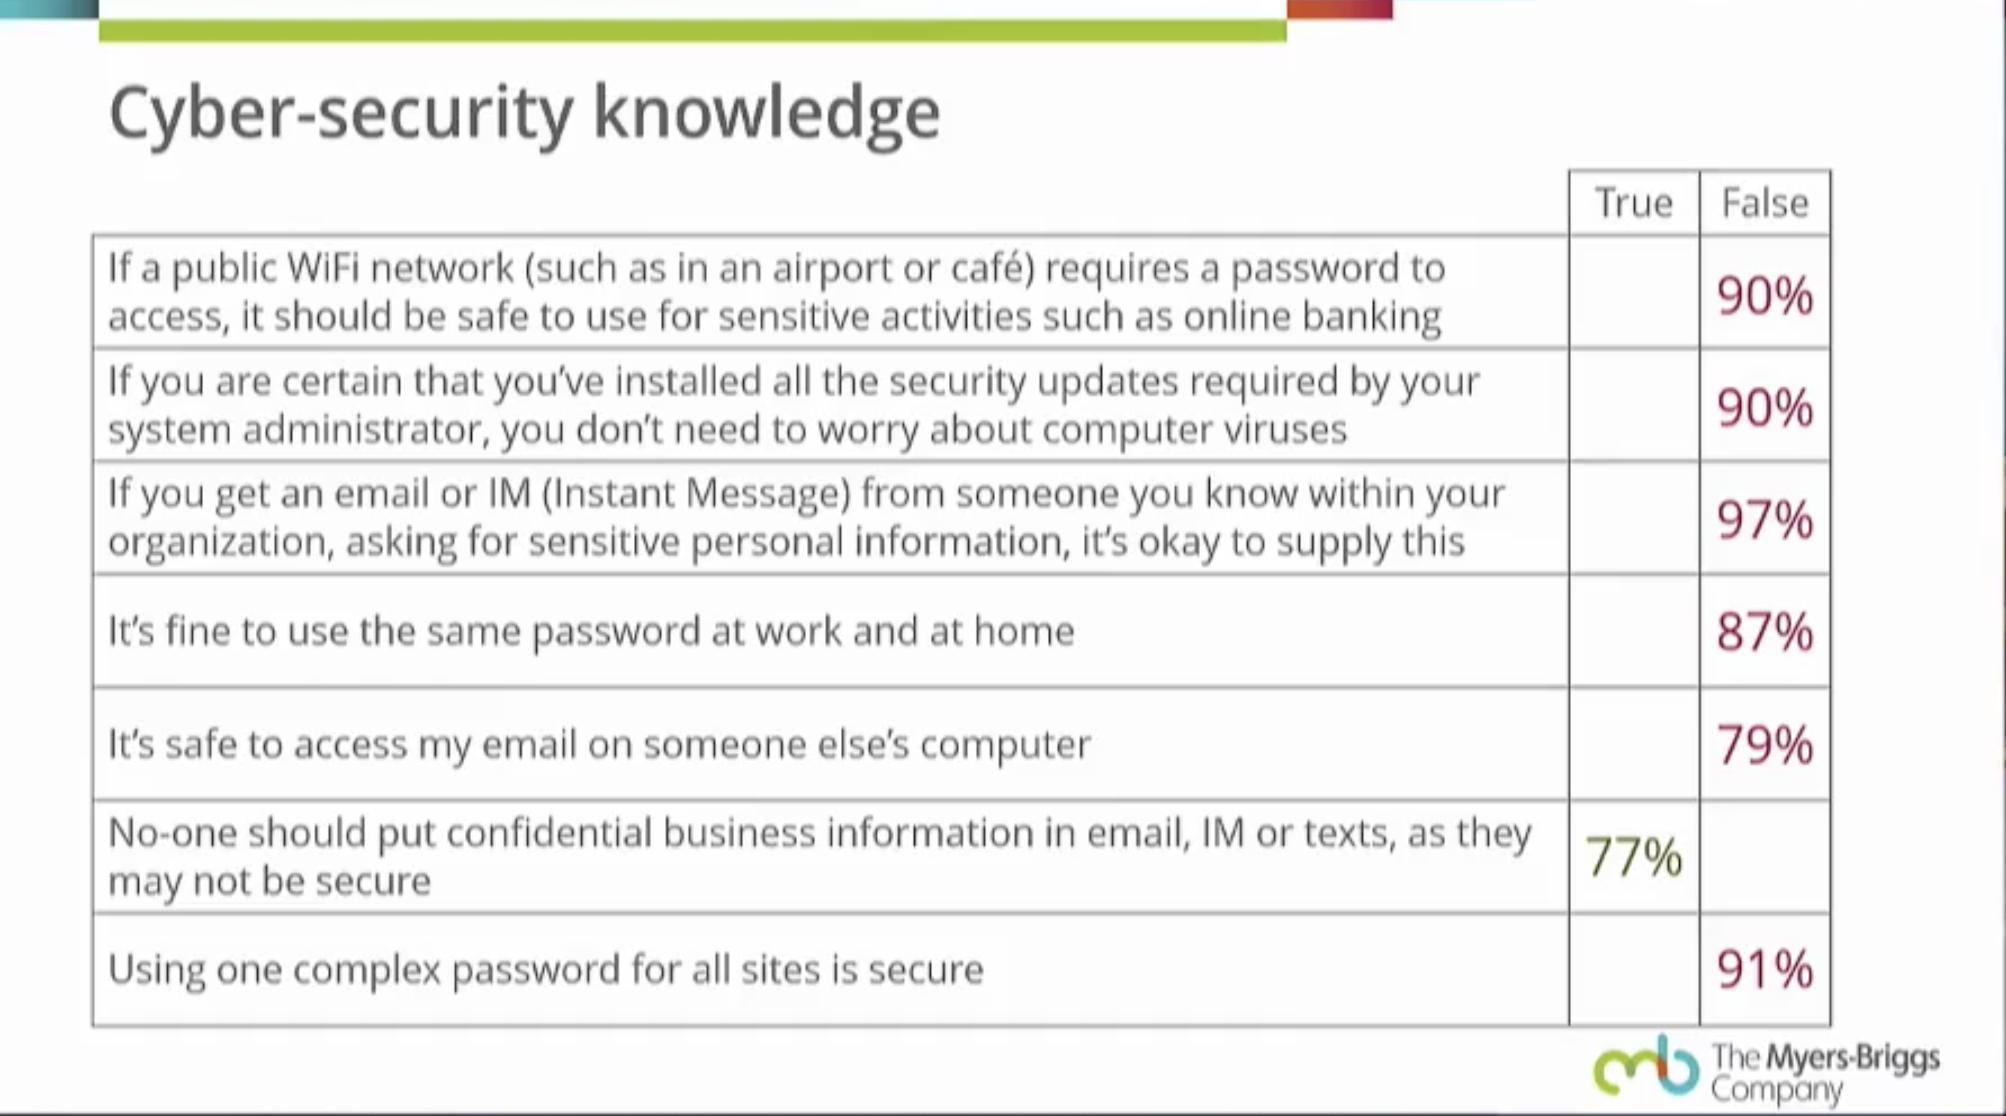 Как отвечали респонденты на вопросы о кибербезопасности